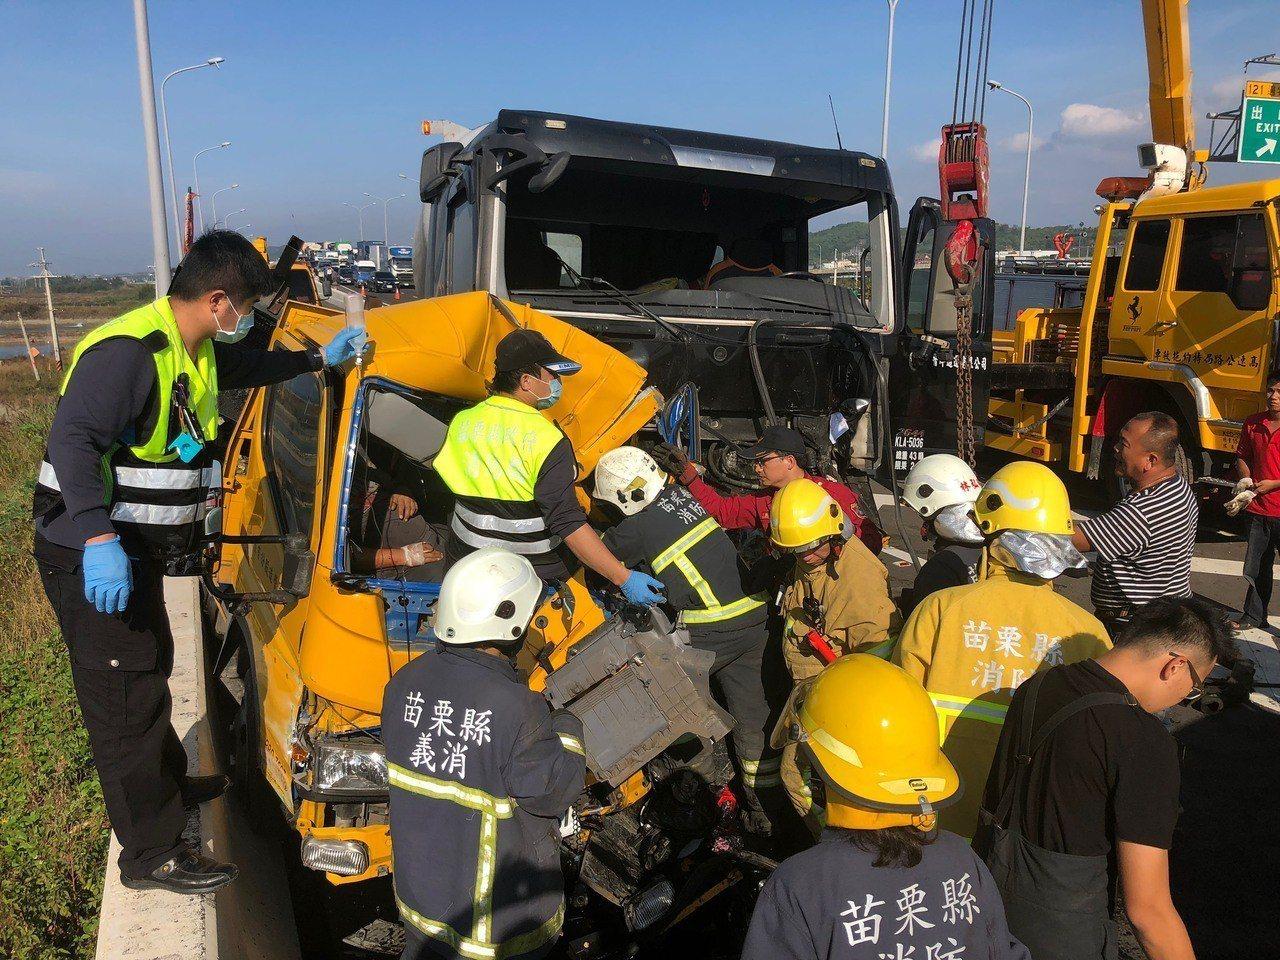 一輛大型曳引車21日行經西濱快速道路南下121公里通霄路段,不慎追撞前方正在清理...